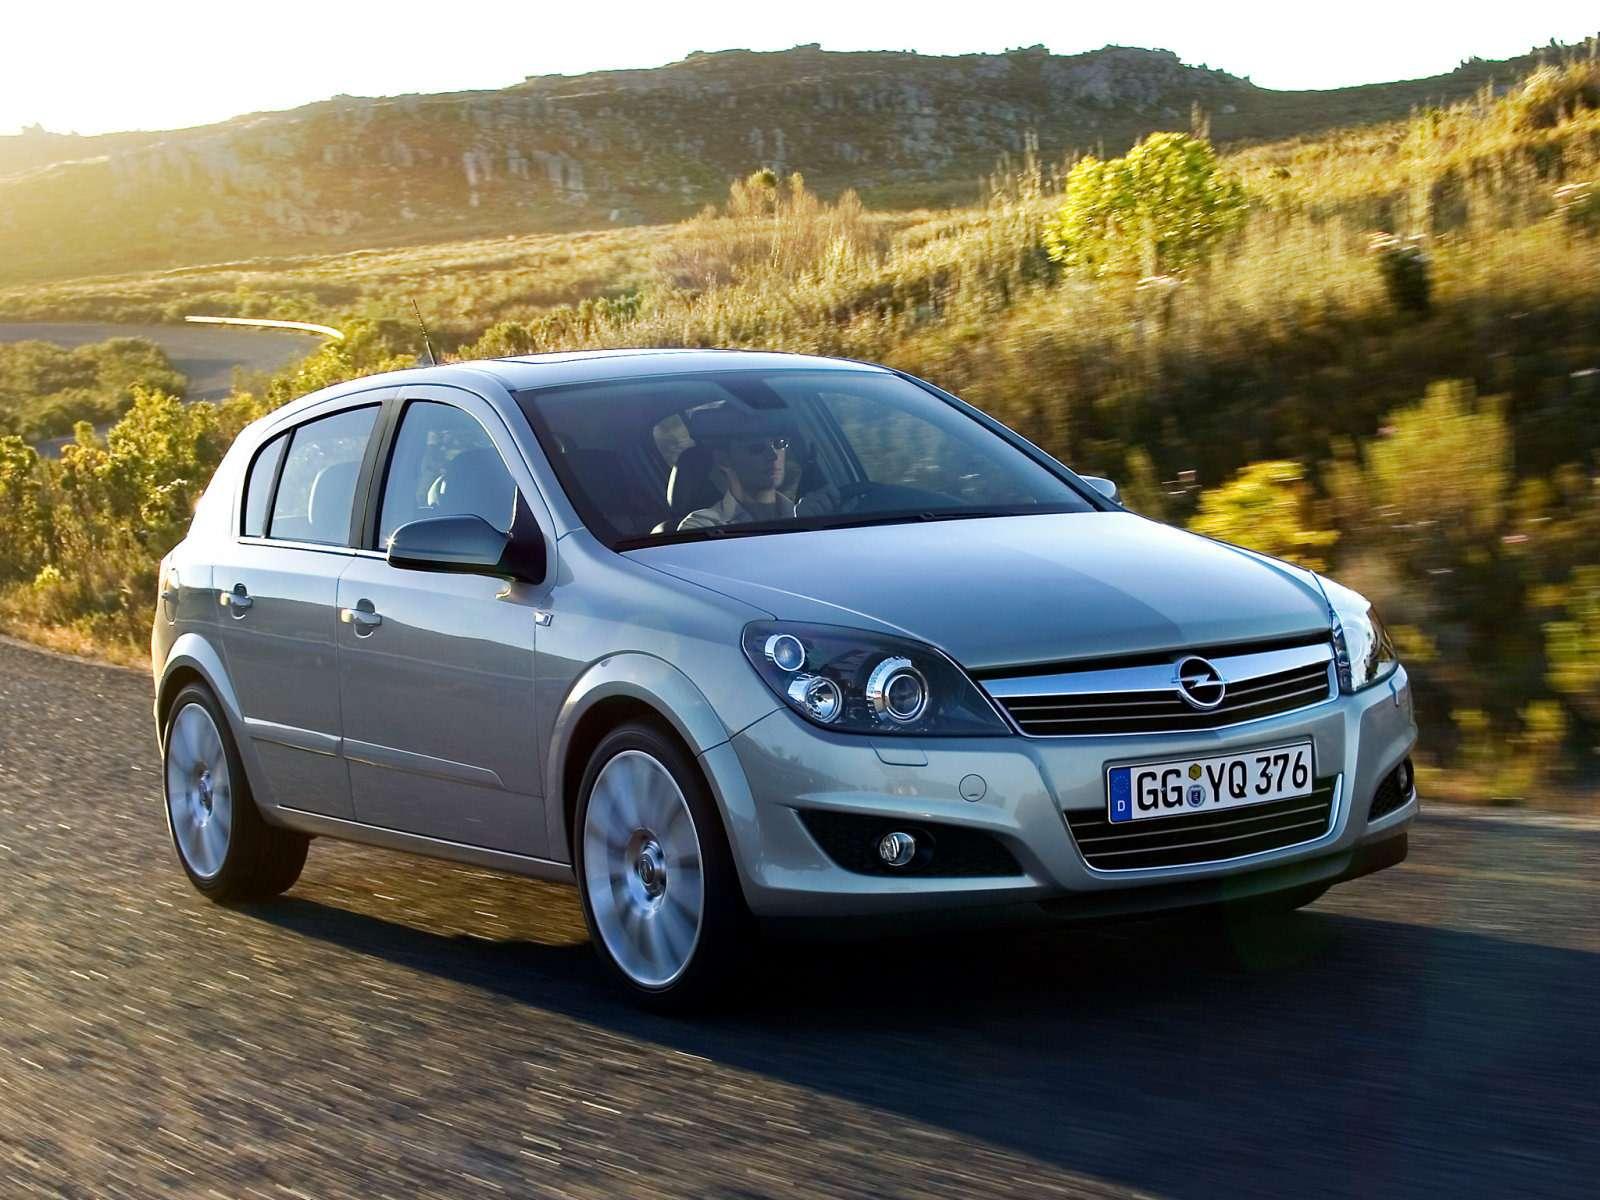 Opel_Astra_Hatchback 5door_2007